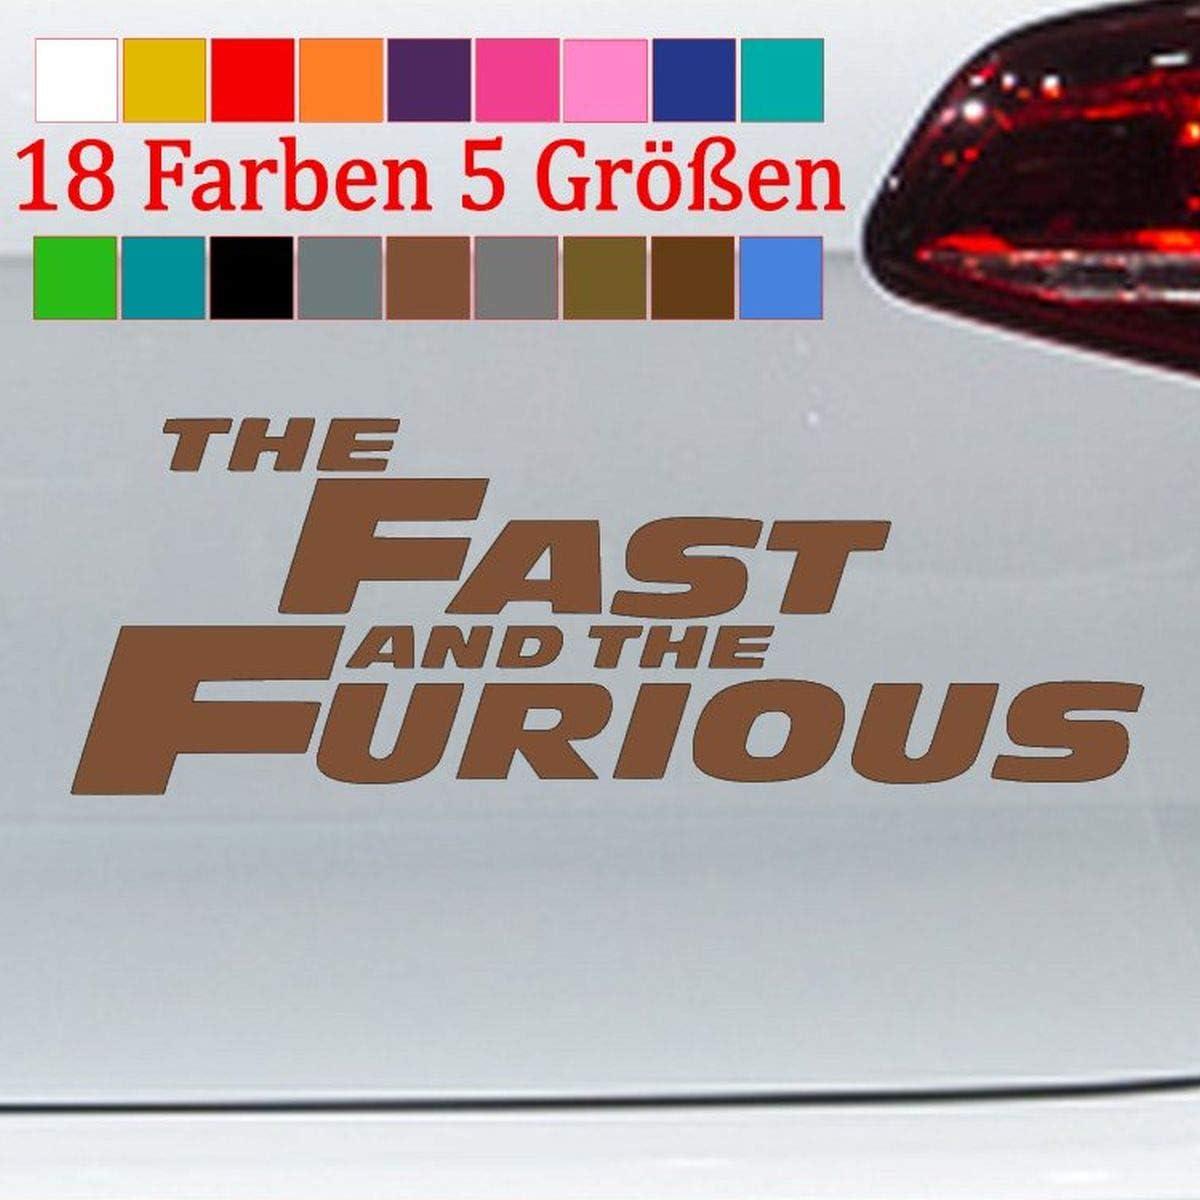 Generic Fast And Furious Aufkleber Paul Walker Bumper Sticker Vw Decal 18 Farben 5 Größe Küche Haushalt